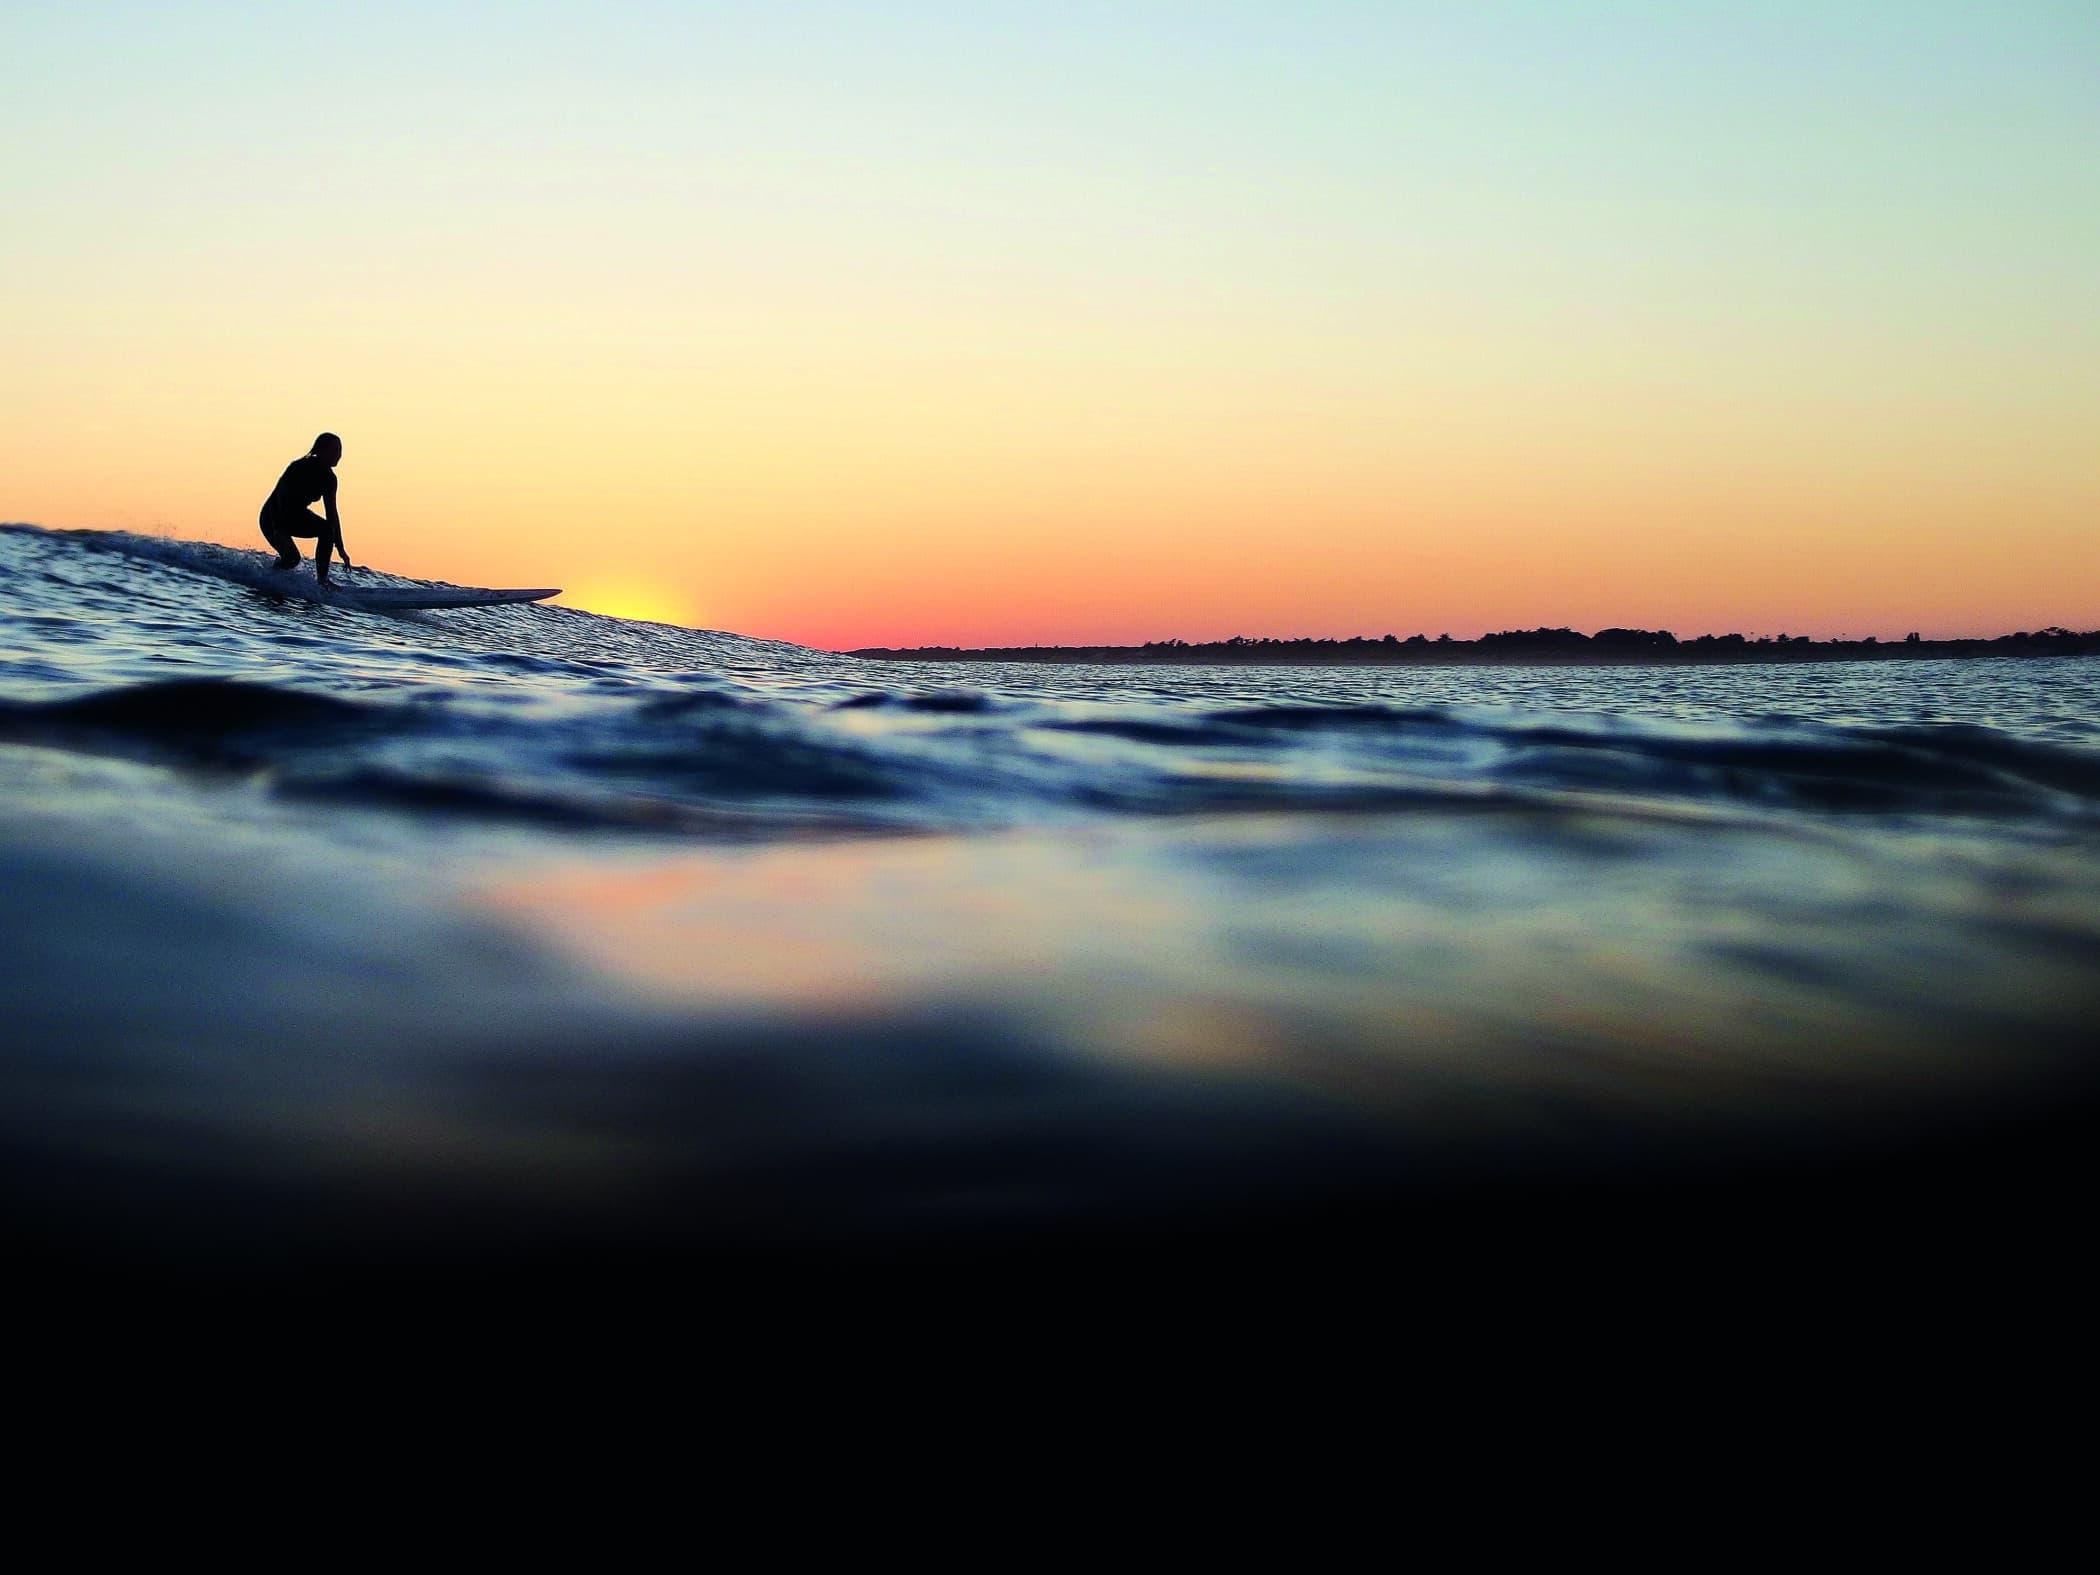 Activtités nautiques Ile de Ré surf, planche à voile, jetski